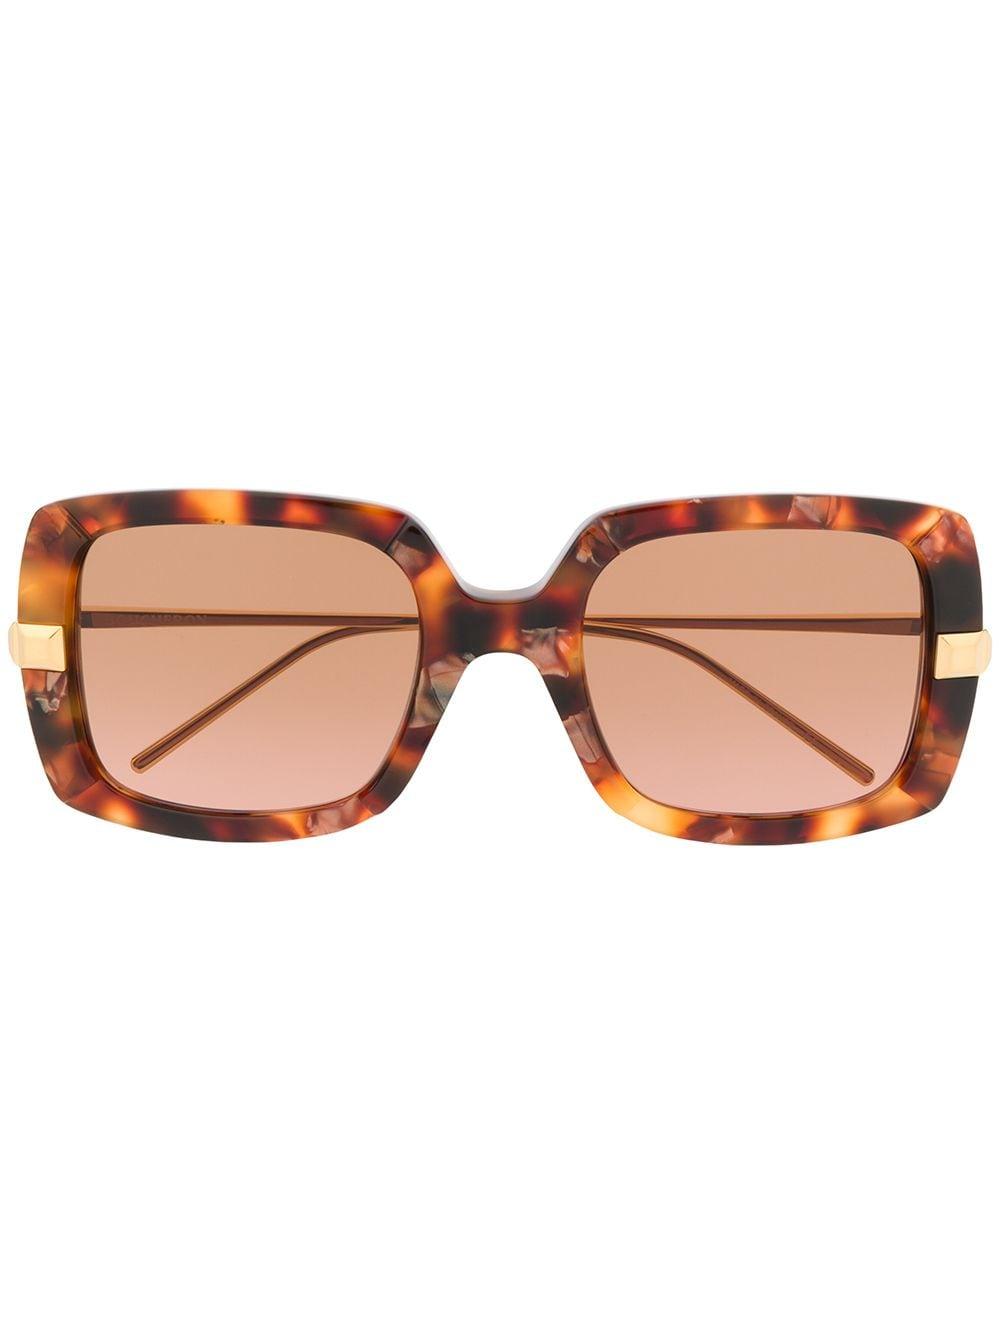 Boucheron Eyewear Sonnenbrille in Schildpattoptik - Braun